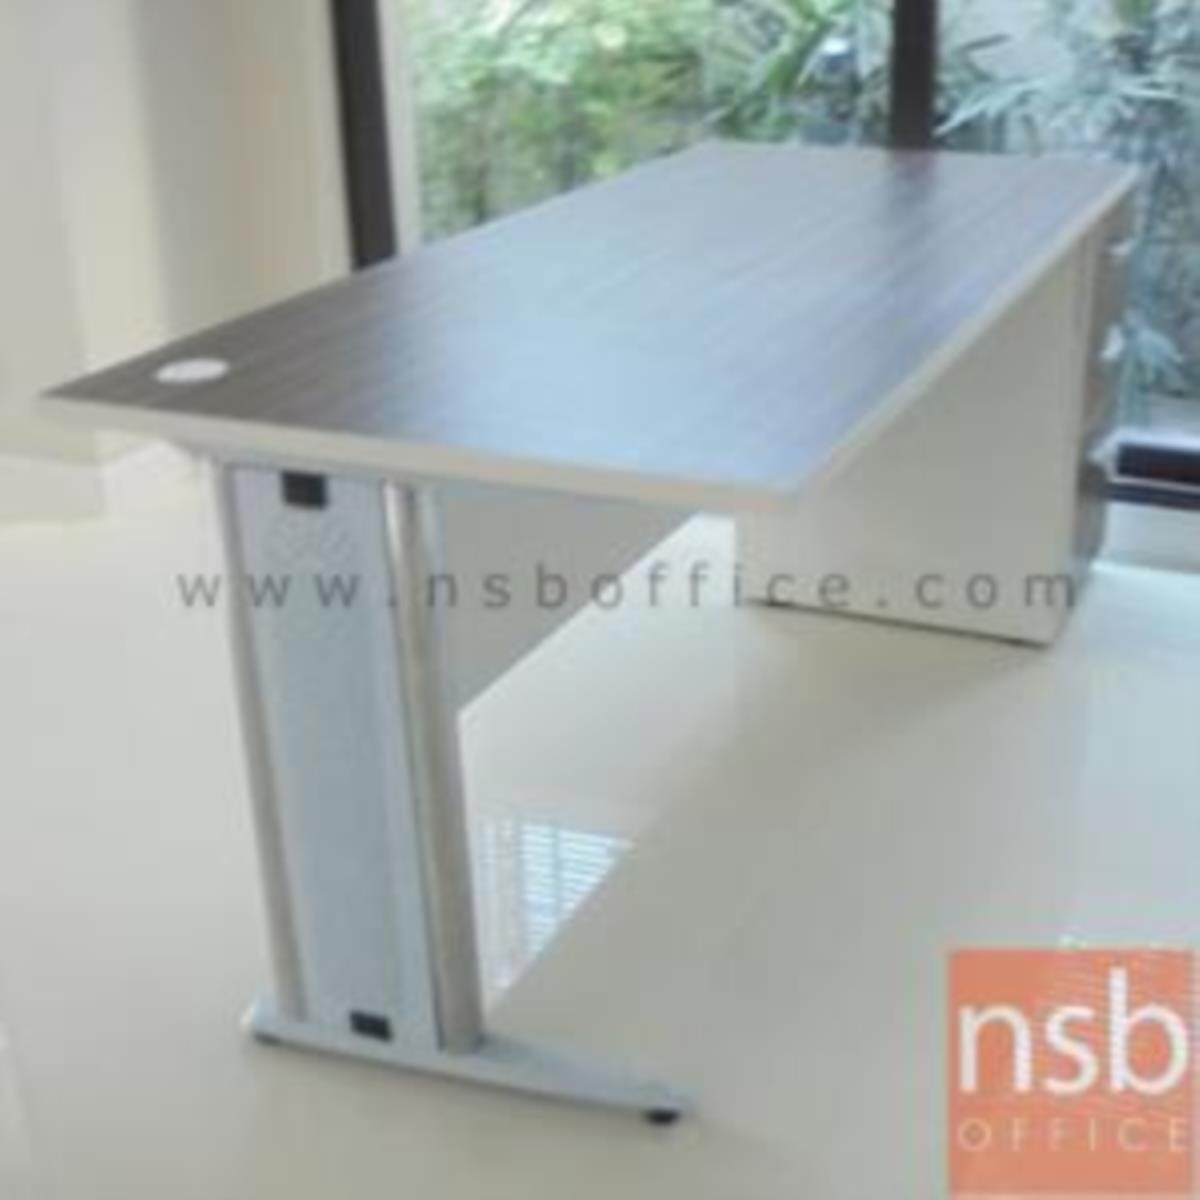 โต๊ะทำงาน 3 ลิ้นชักข้างขาทึบ รุ่น Eterna (อีเทอร์นา) ขนาด 120W ,135W ,150W ,180W cm.  ขาเหล็กตัวแอล